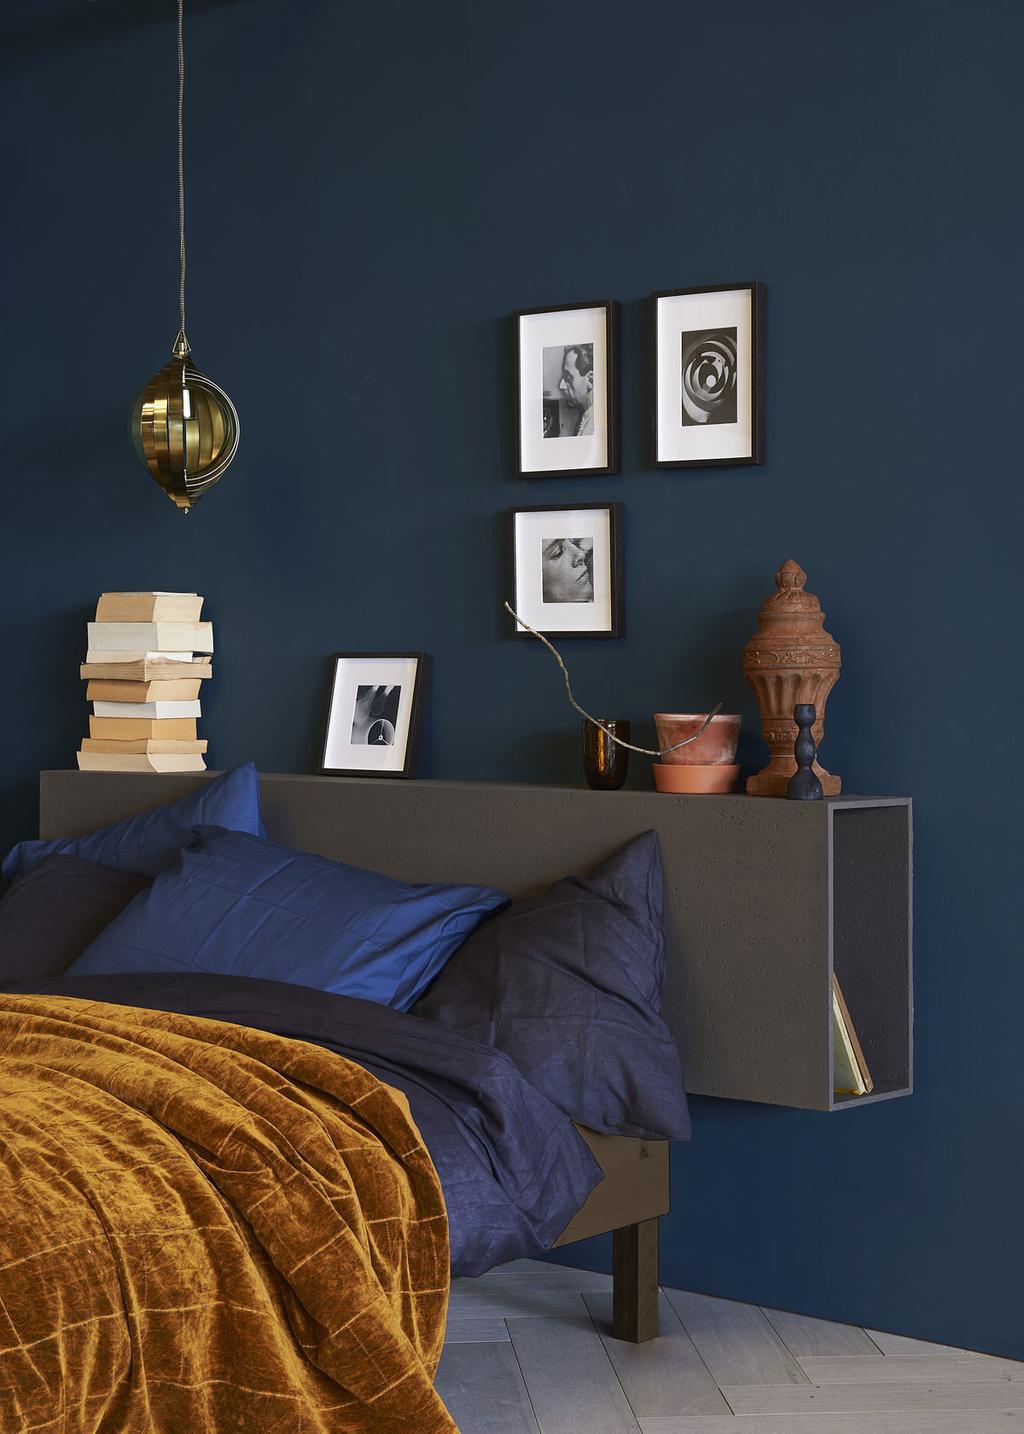 Trendkleur-2020-kleur-jaar-2020-histor-chinese-porcelain-blauw-interieur-blauwe-muur-blauwe-bank